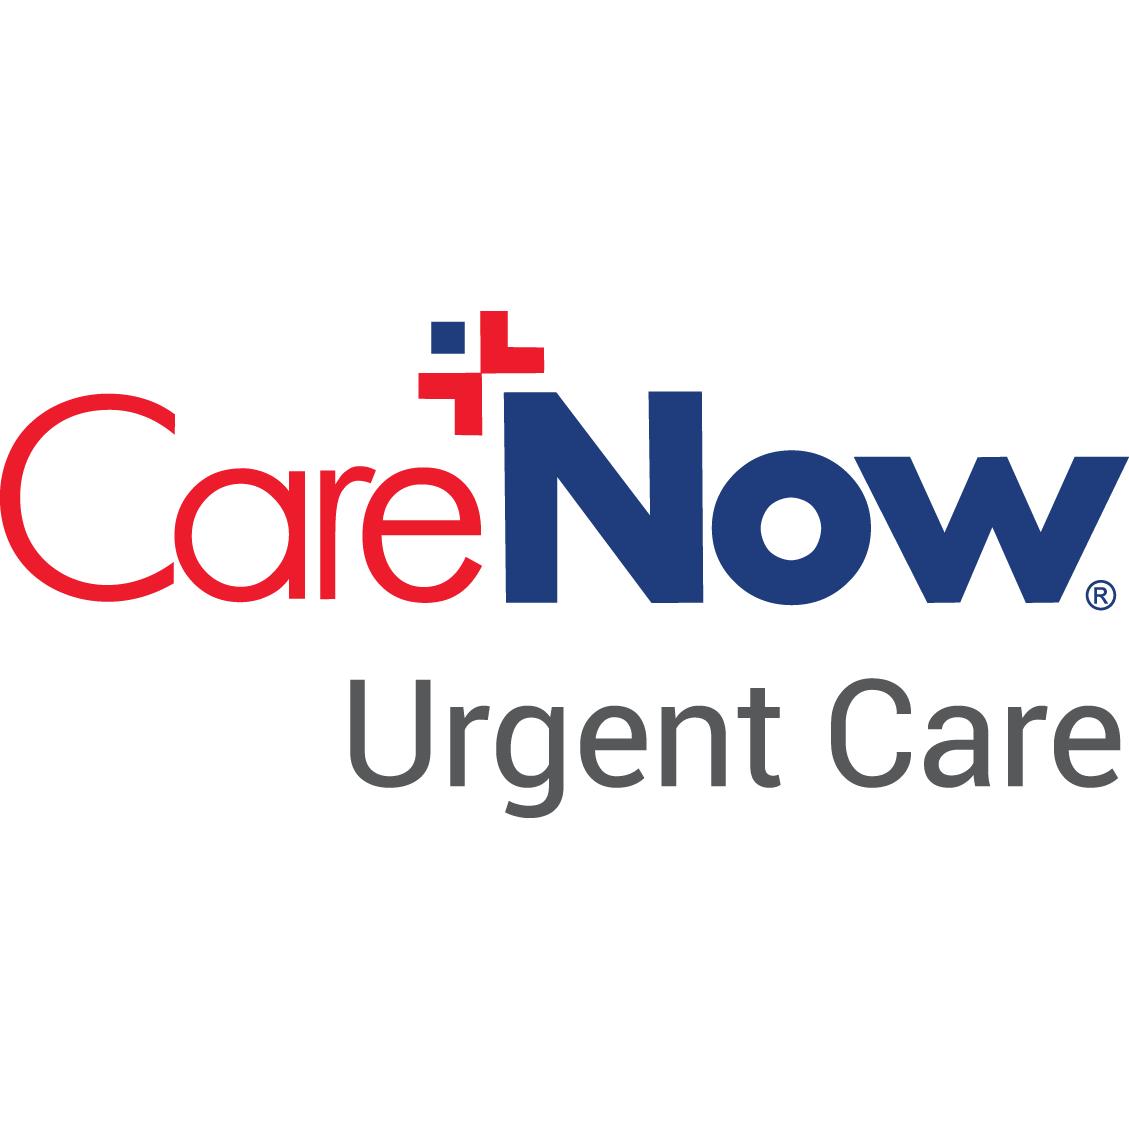 Careers At Carenow Carenow Autos Post